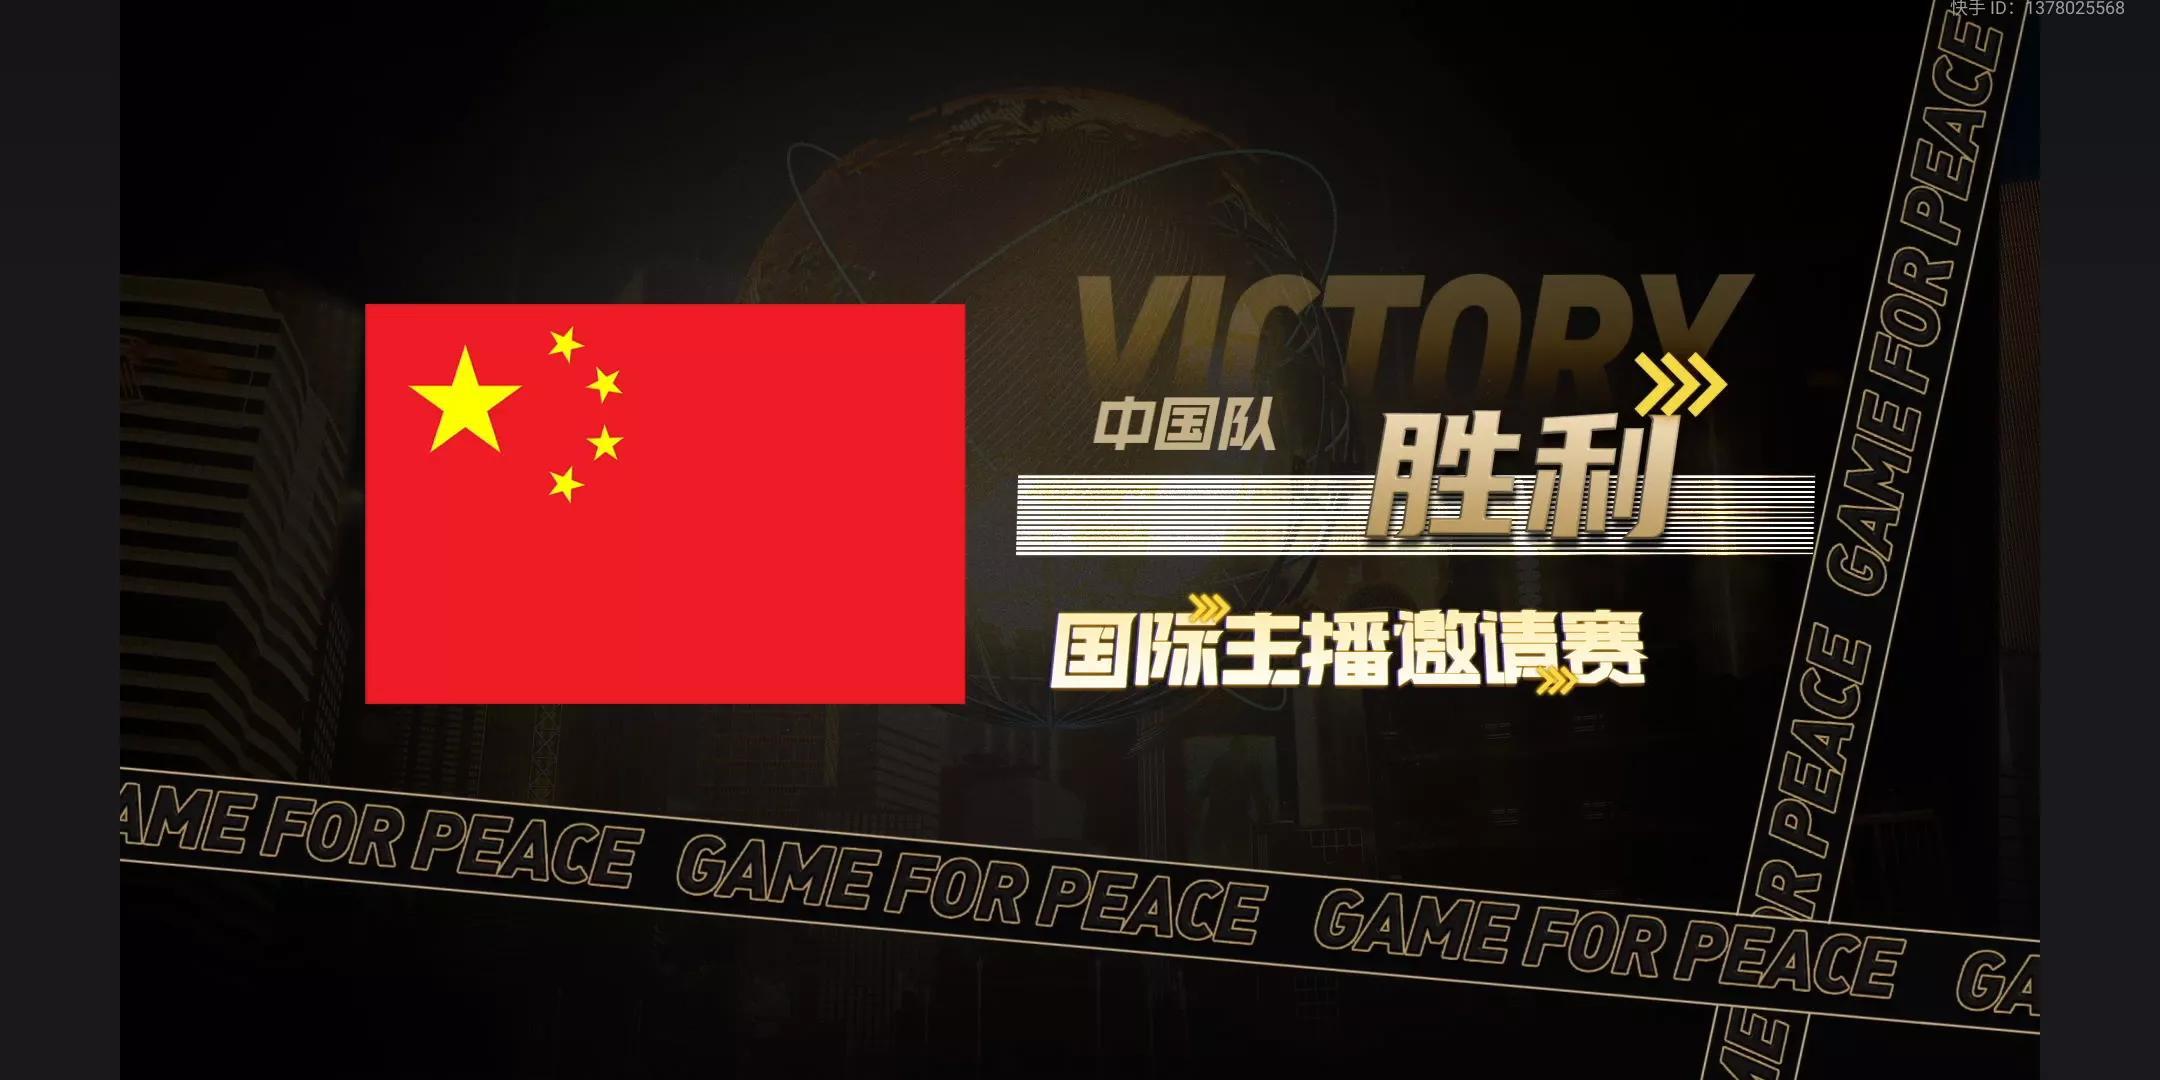 《【合盈国际网上平台】中国队表现出色,槿夕操作真的亮了,这才是最精彩的比赛!》